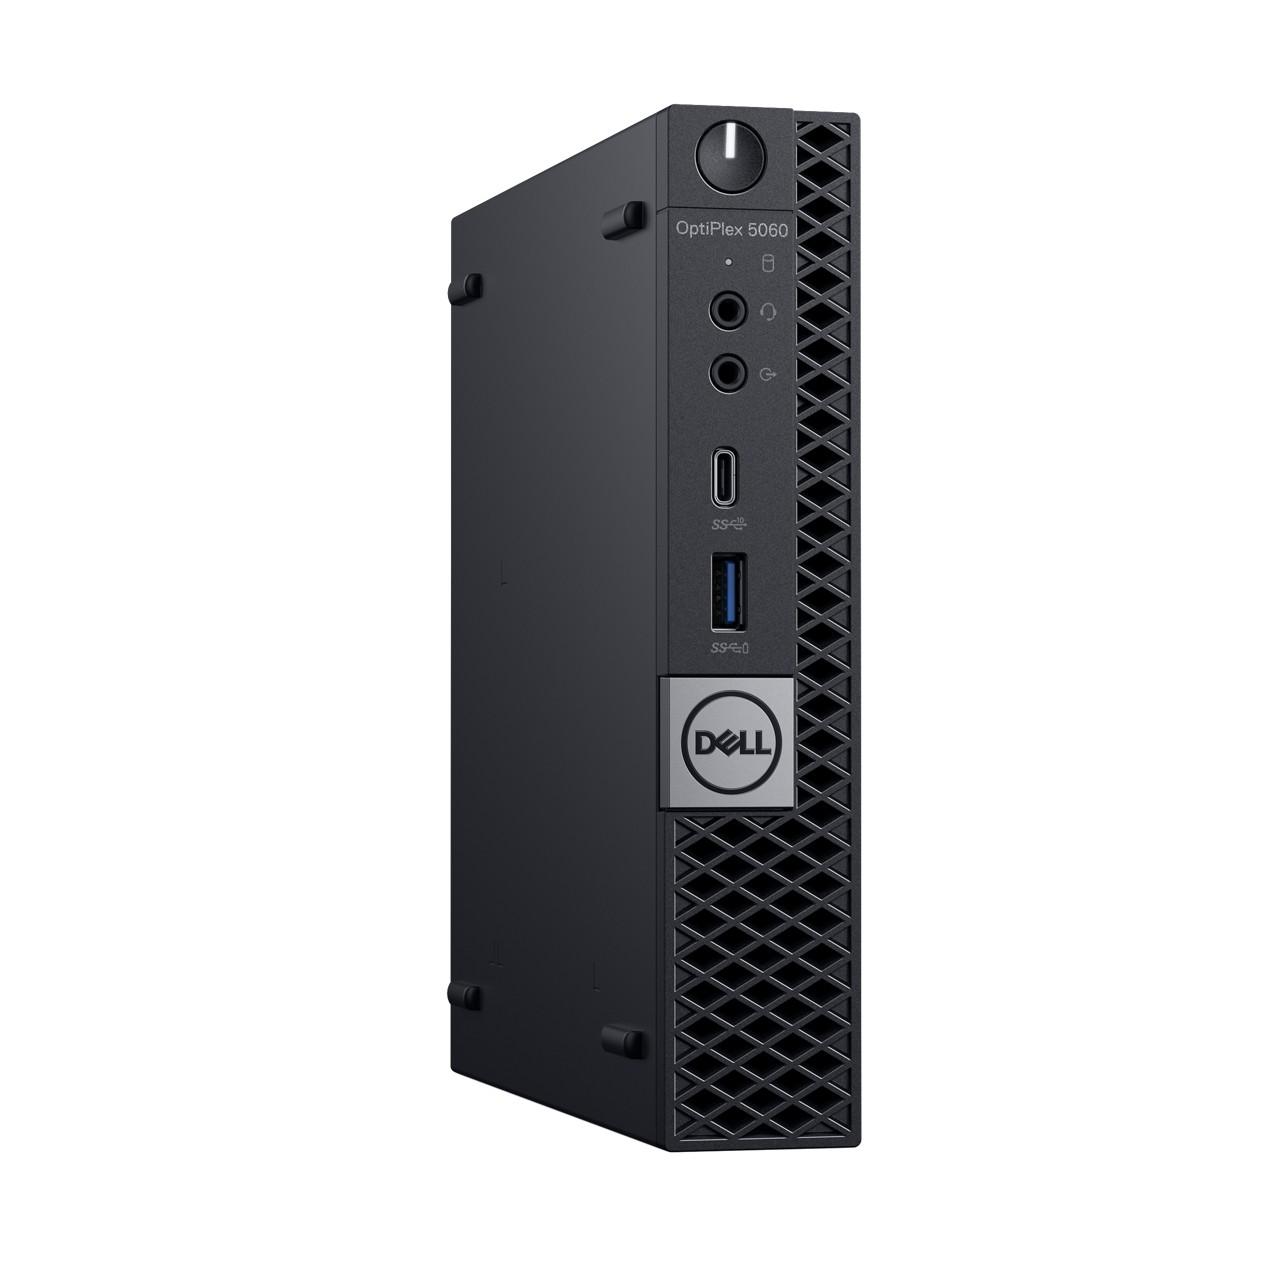 Dell: Neue Optiplex-Systeme in drei Größen und mit Dual-GPUs - Optiplex 5060 Micro (Bild: Dell)